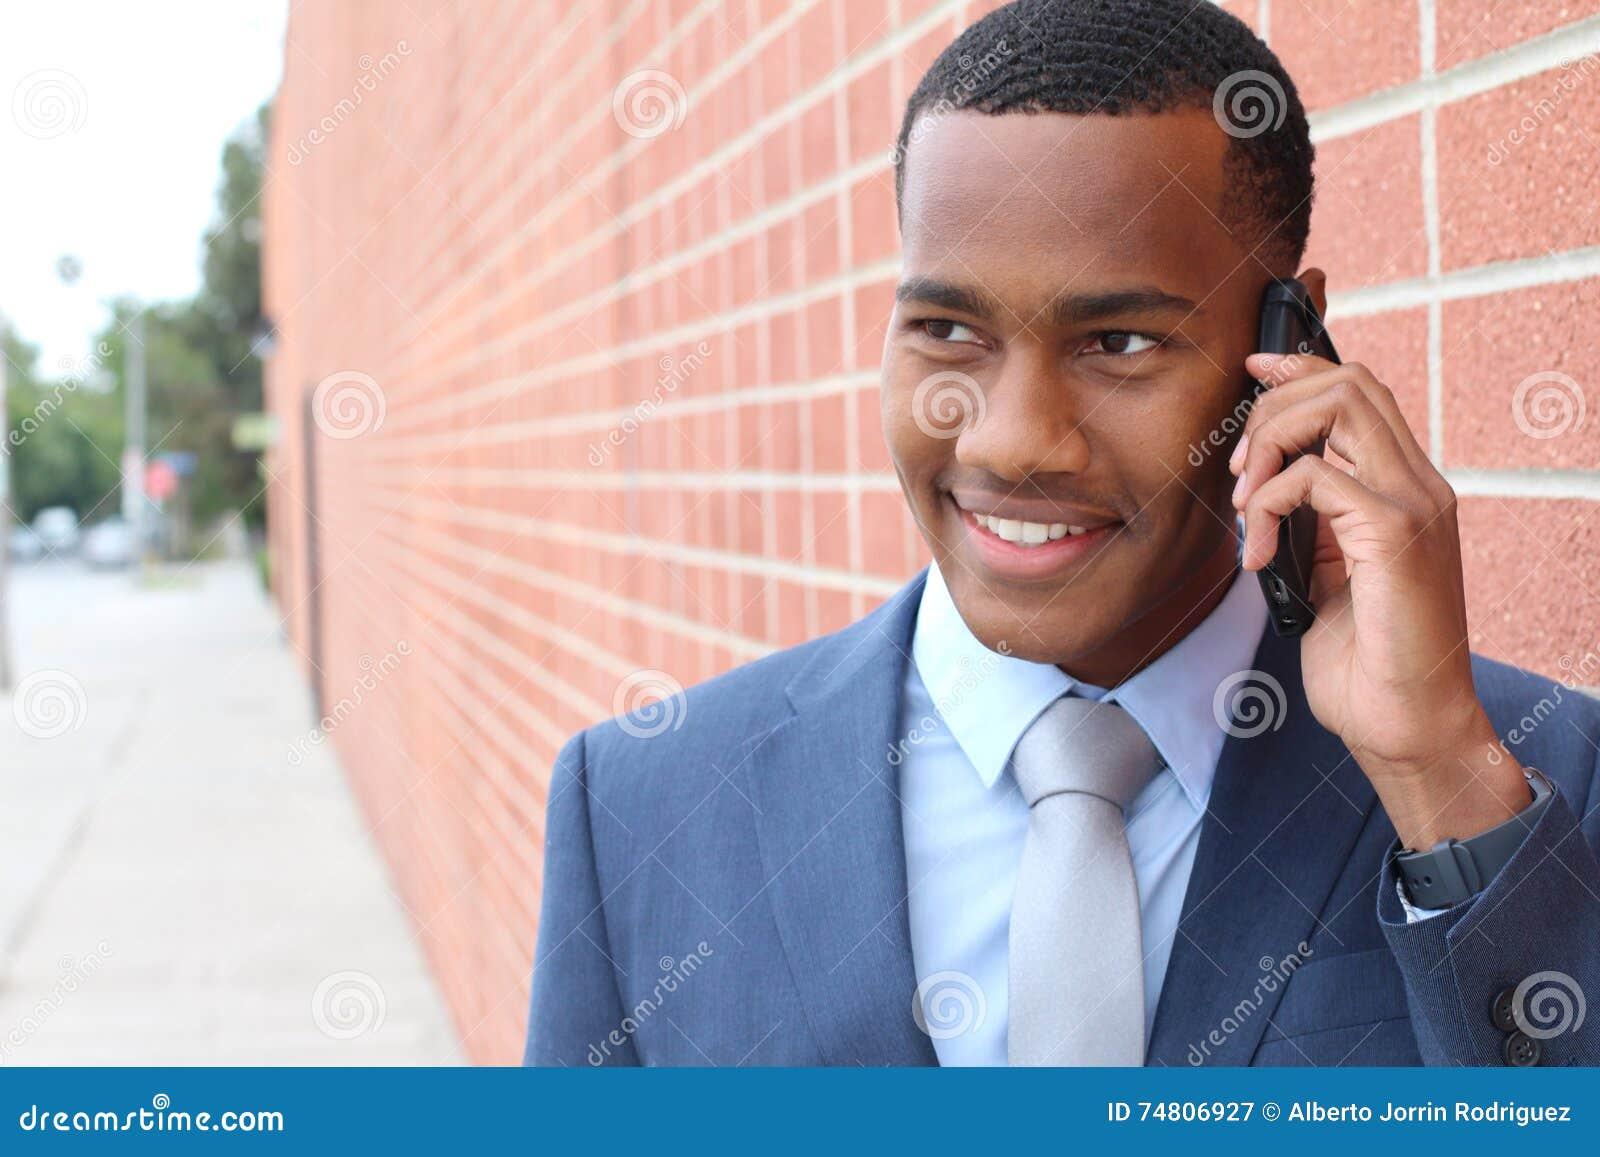 Moderner Geschäftsmann des hübschen Afroamerikaners, der in Stadt geht und um Handy ersucht